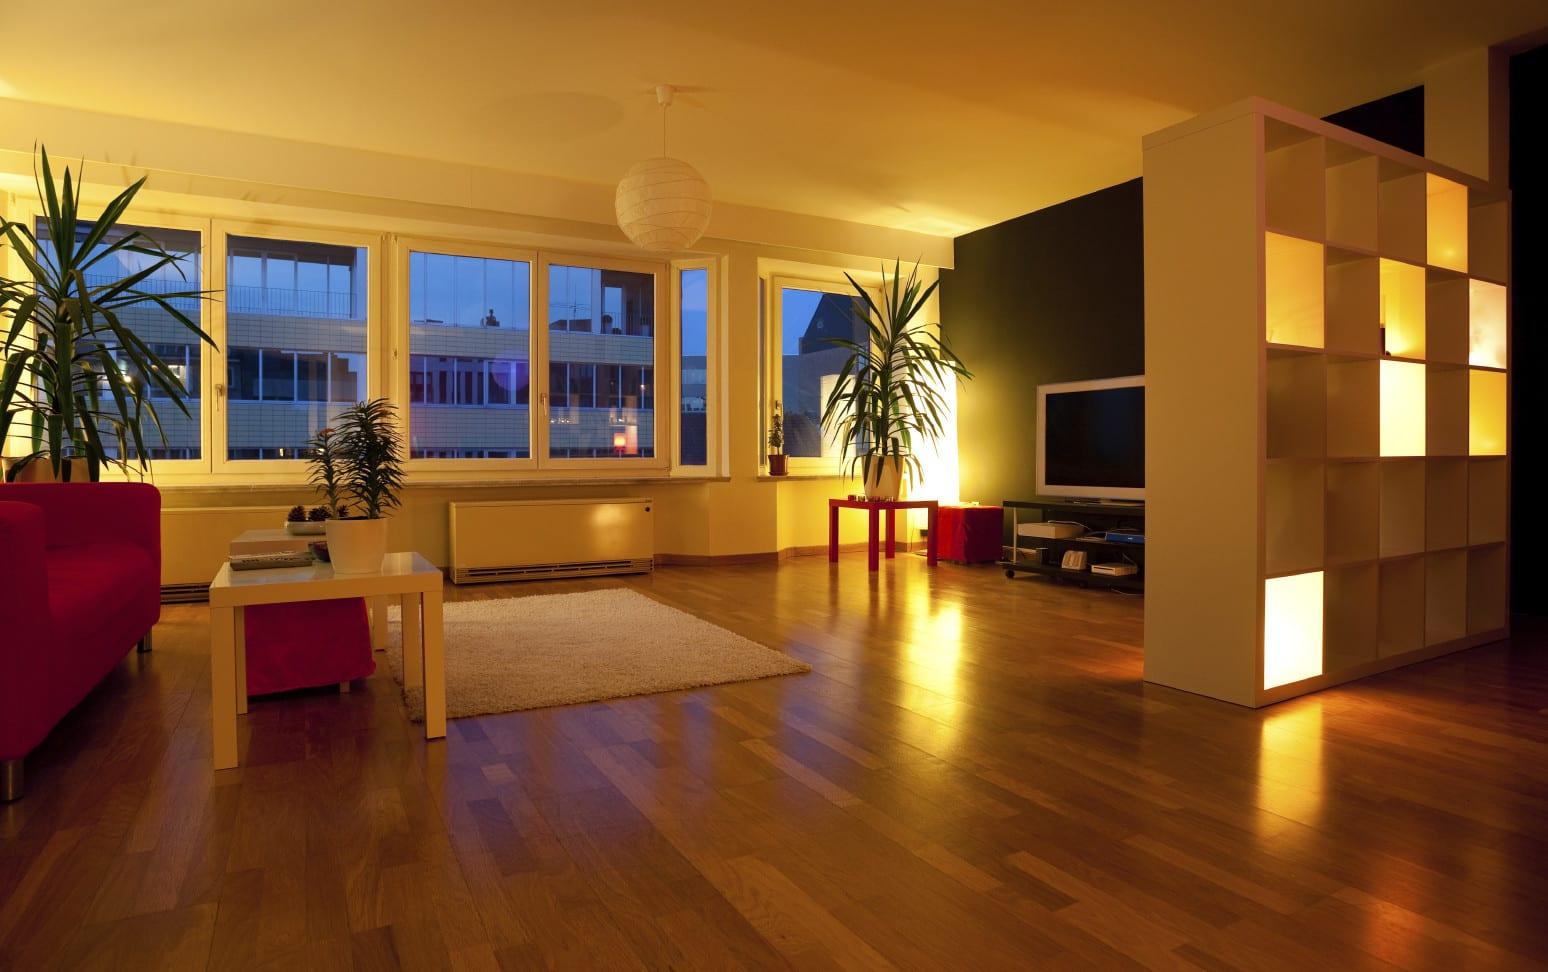 IKEA-Regal mit indirekte beleuchtung als licht idee und dekoidee wohnzimmer_wohnzimmer gestalten mit Akzentwand schwarz und rotem Sofa mit IKEA-Couchtischen in weiß und rot für frische farbgestaltung wohnzimmer